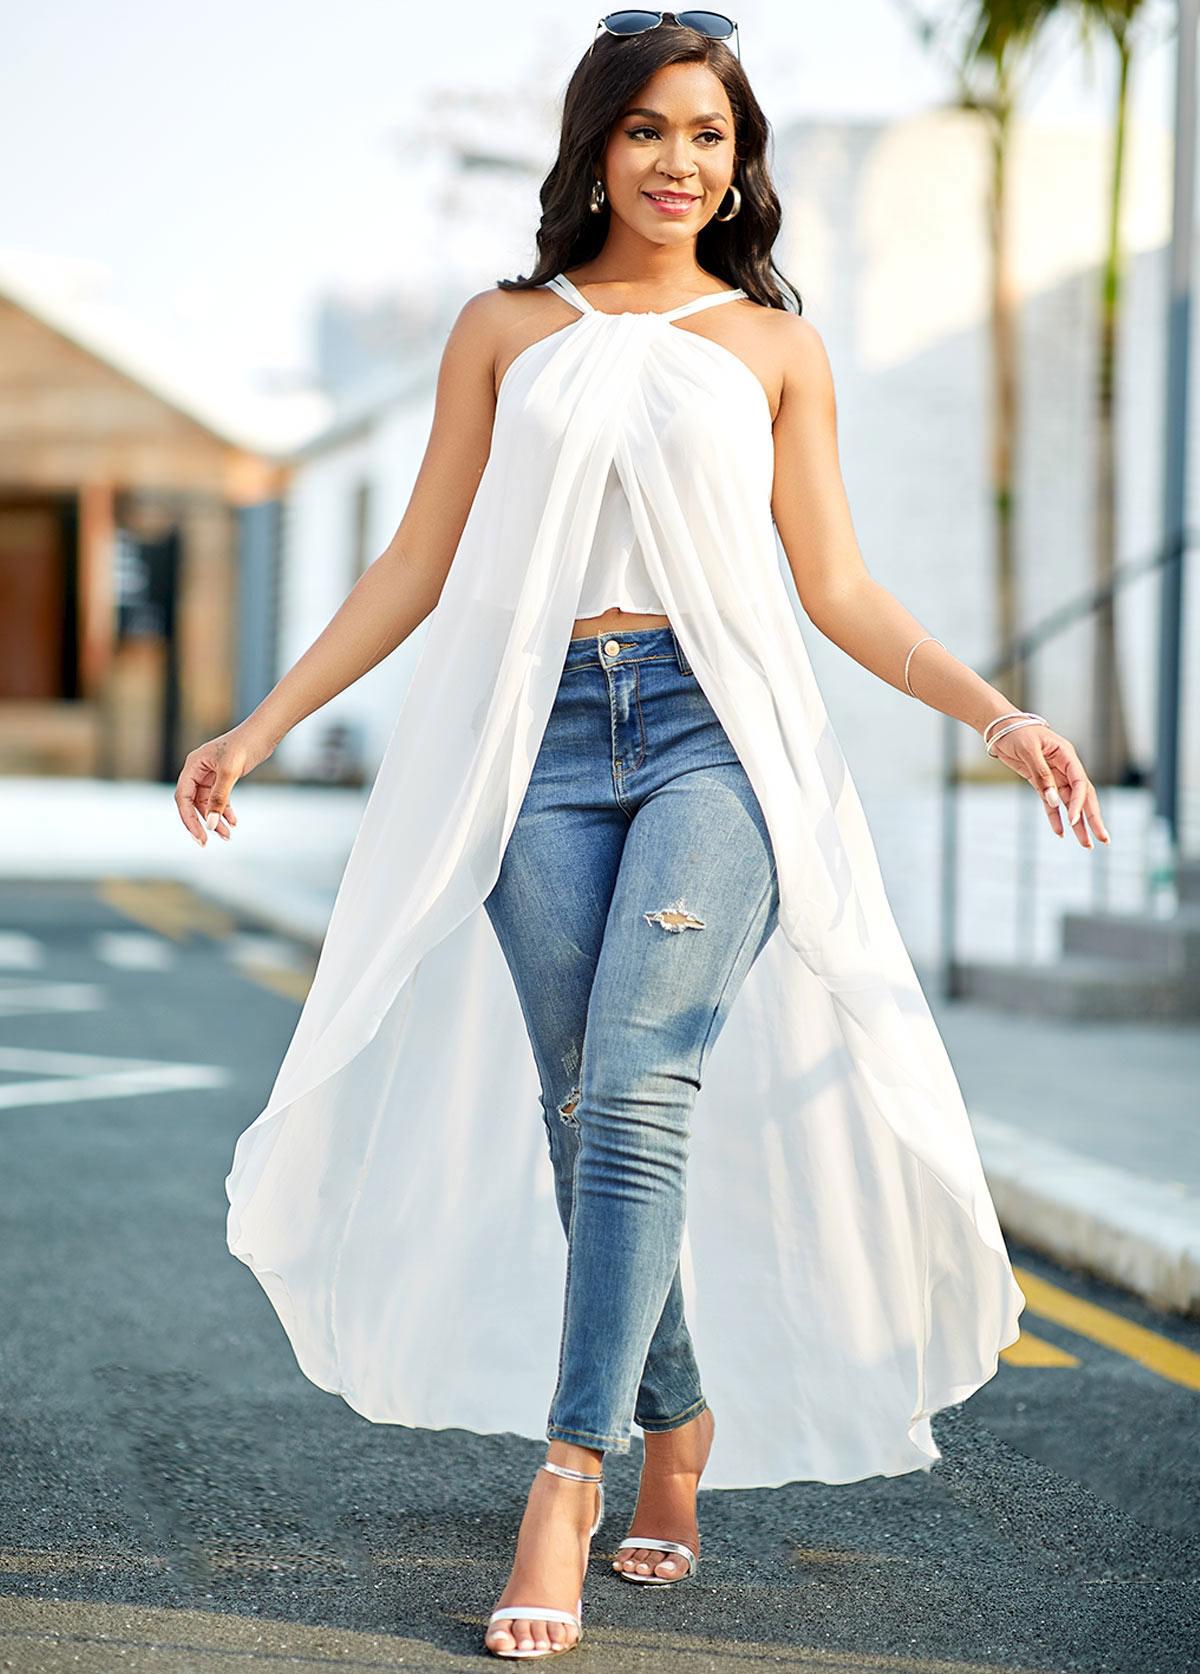 Cross Strap Chiffon Asymmetric Hem White Blouse